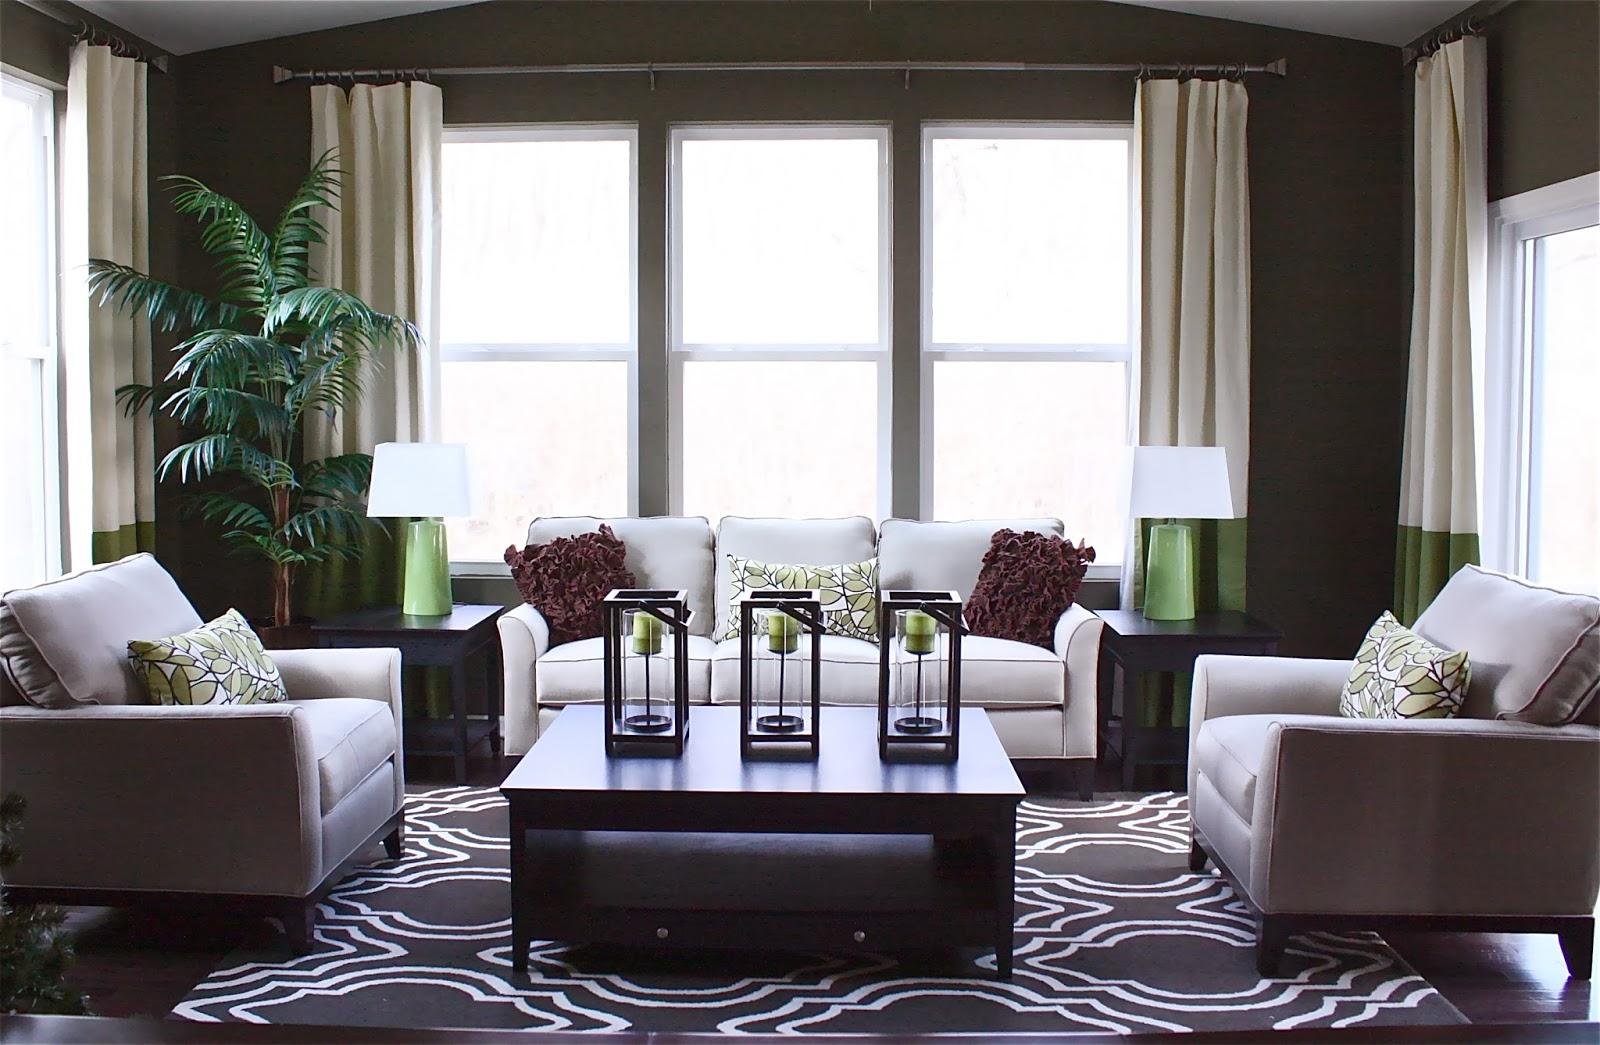 Popular Sunroom Furniture Indoor Creative Sunroom Ideas To Make It Look Beautiful indoor sunroom furniture